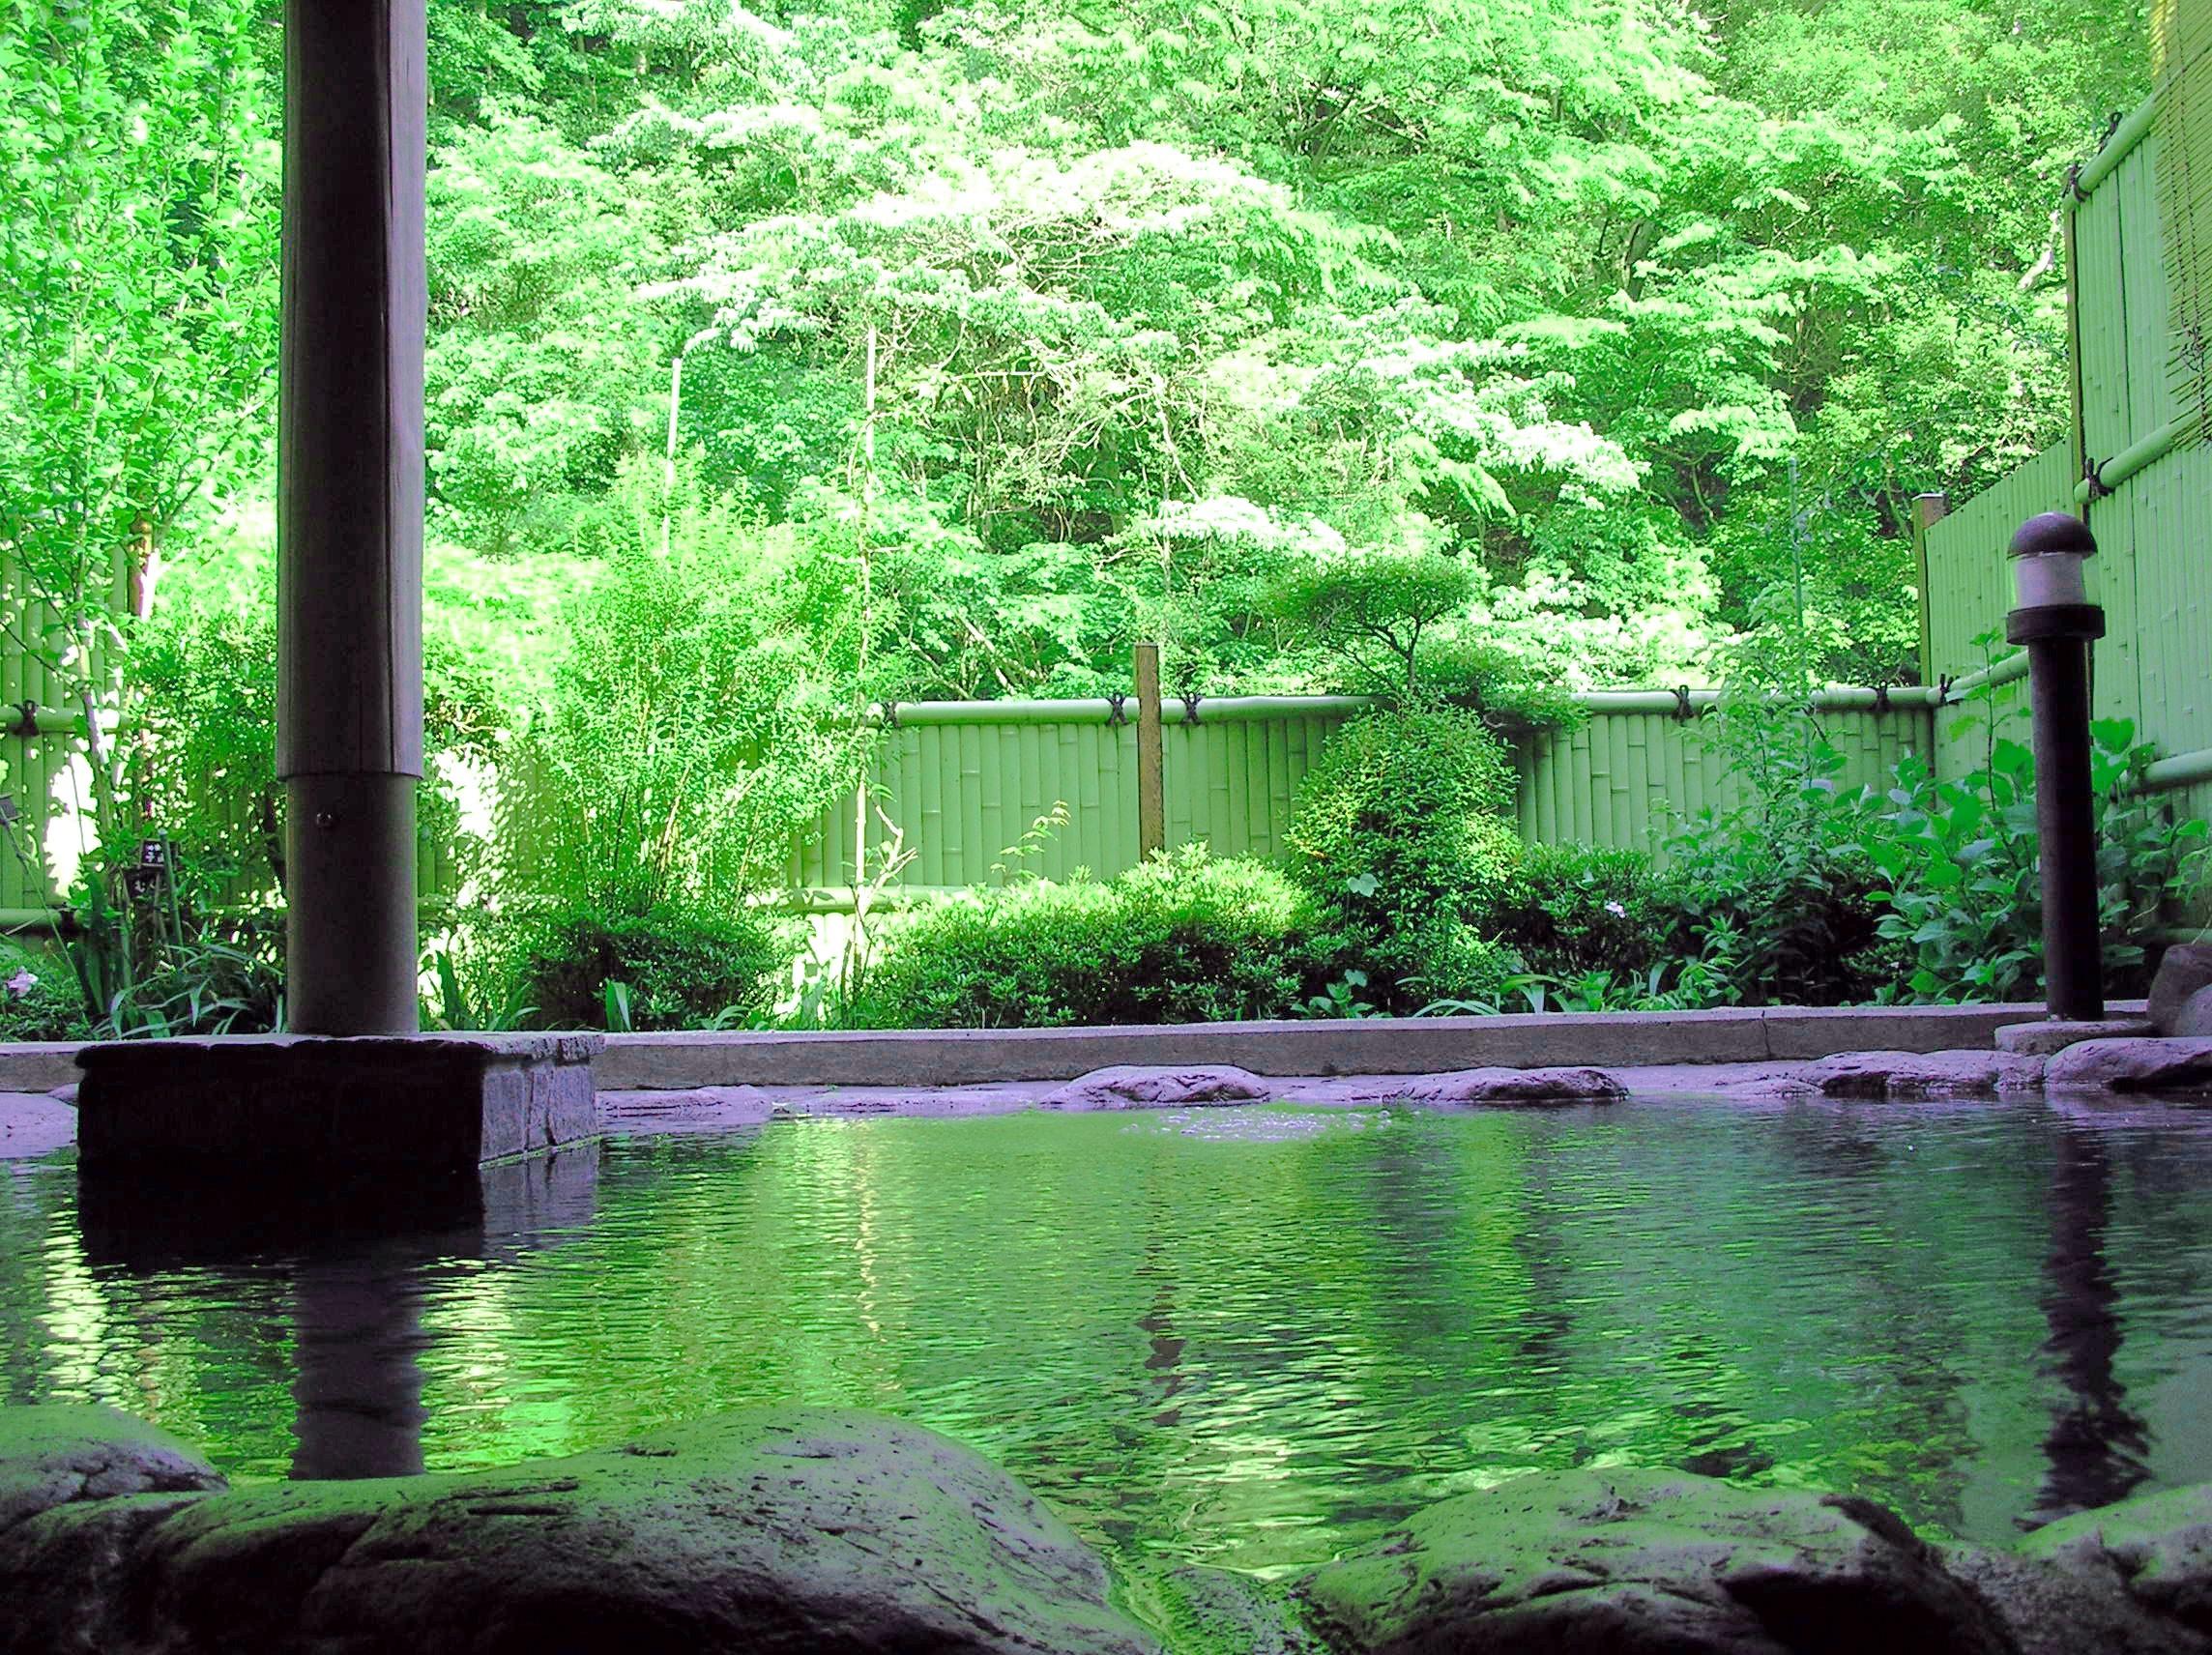 箱根・宮ノ下&強羅で日帰り温泉が楽しい!おすすめ施設4選